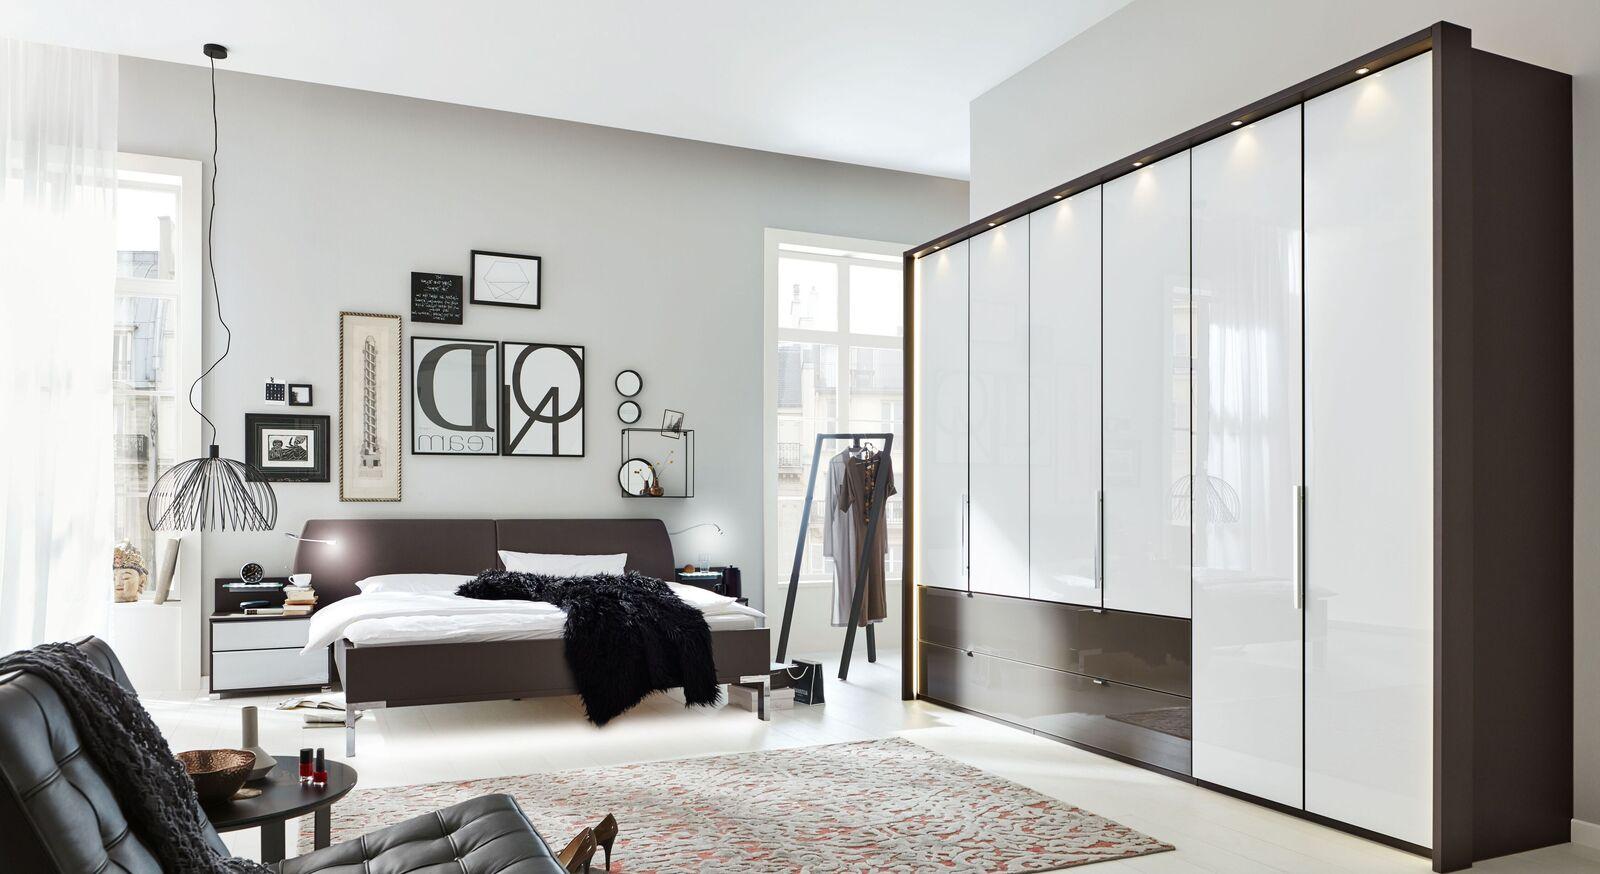 INTERLIVING Komplett-Schlafzimmer optional mit Beleuchtung